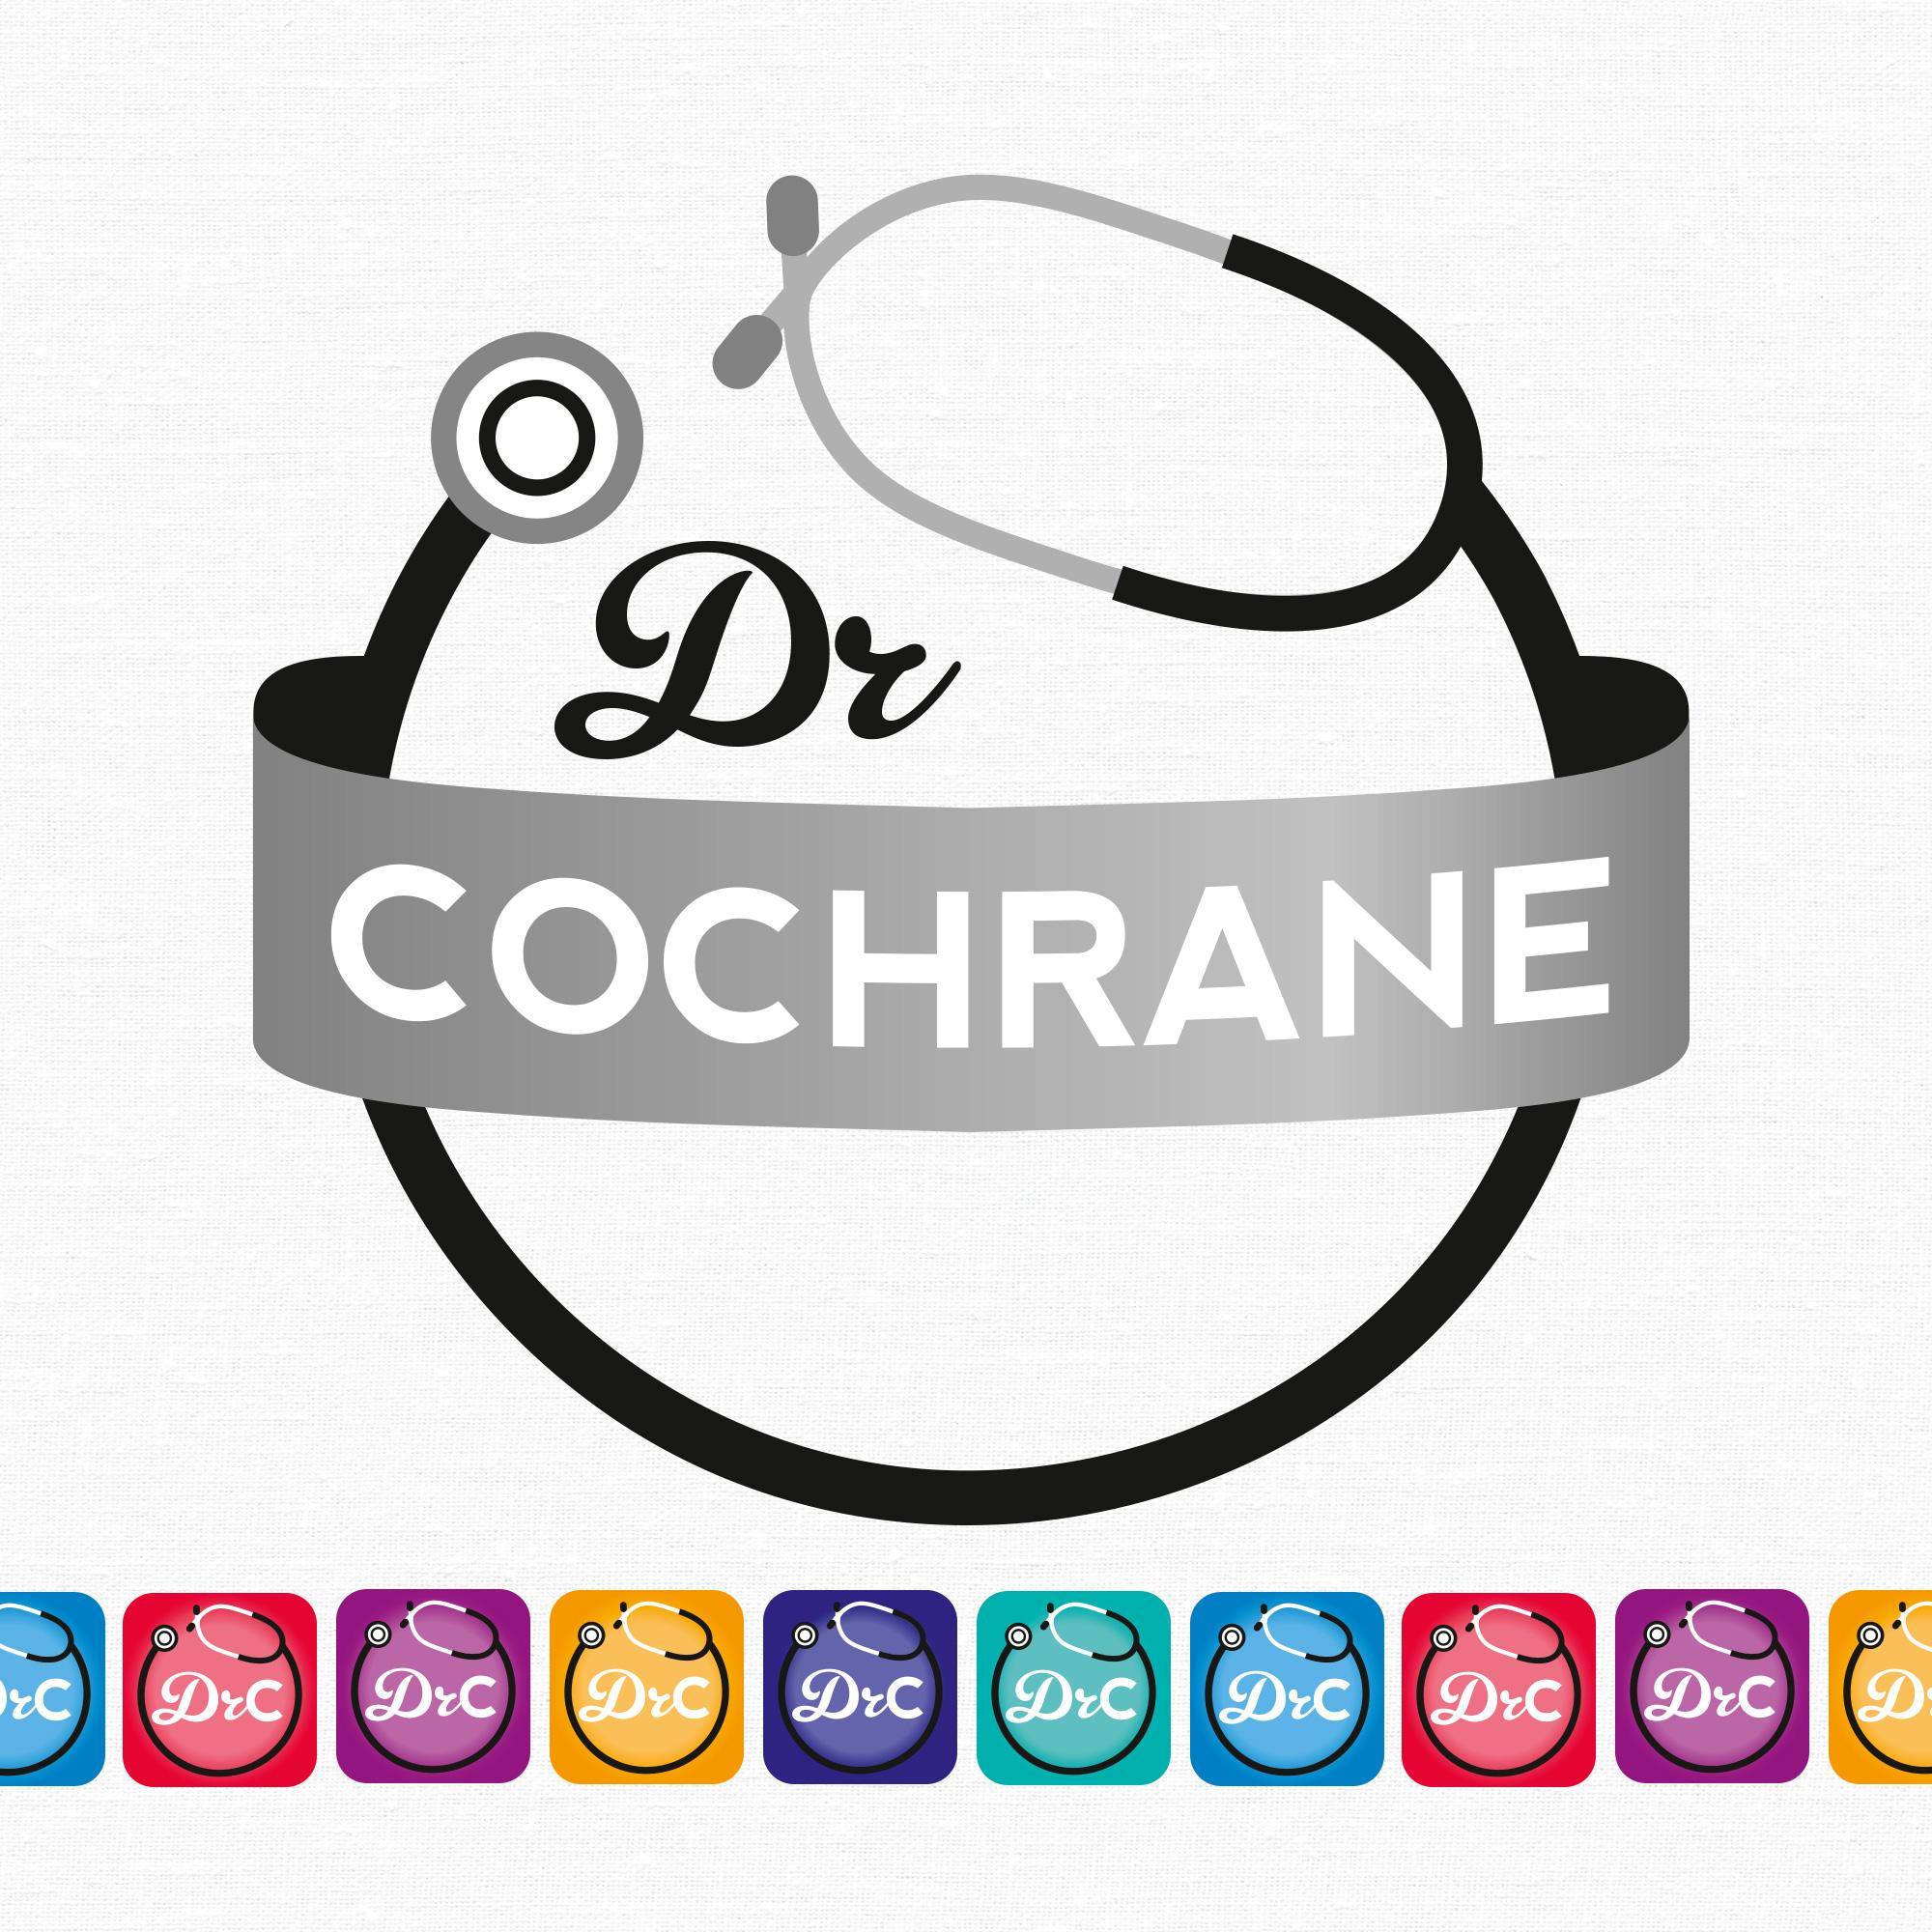 Dr. Cochrane Logo